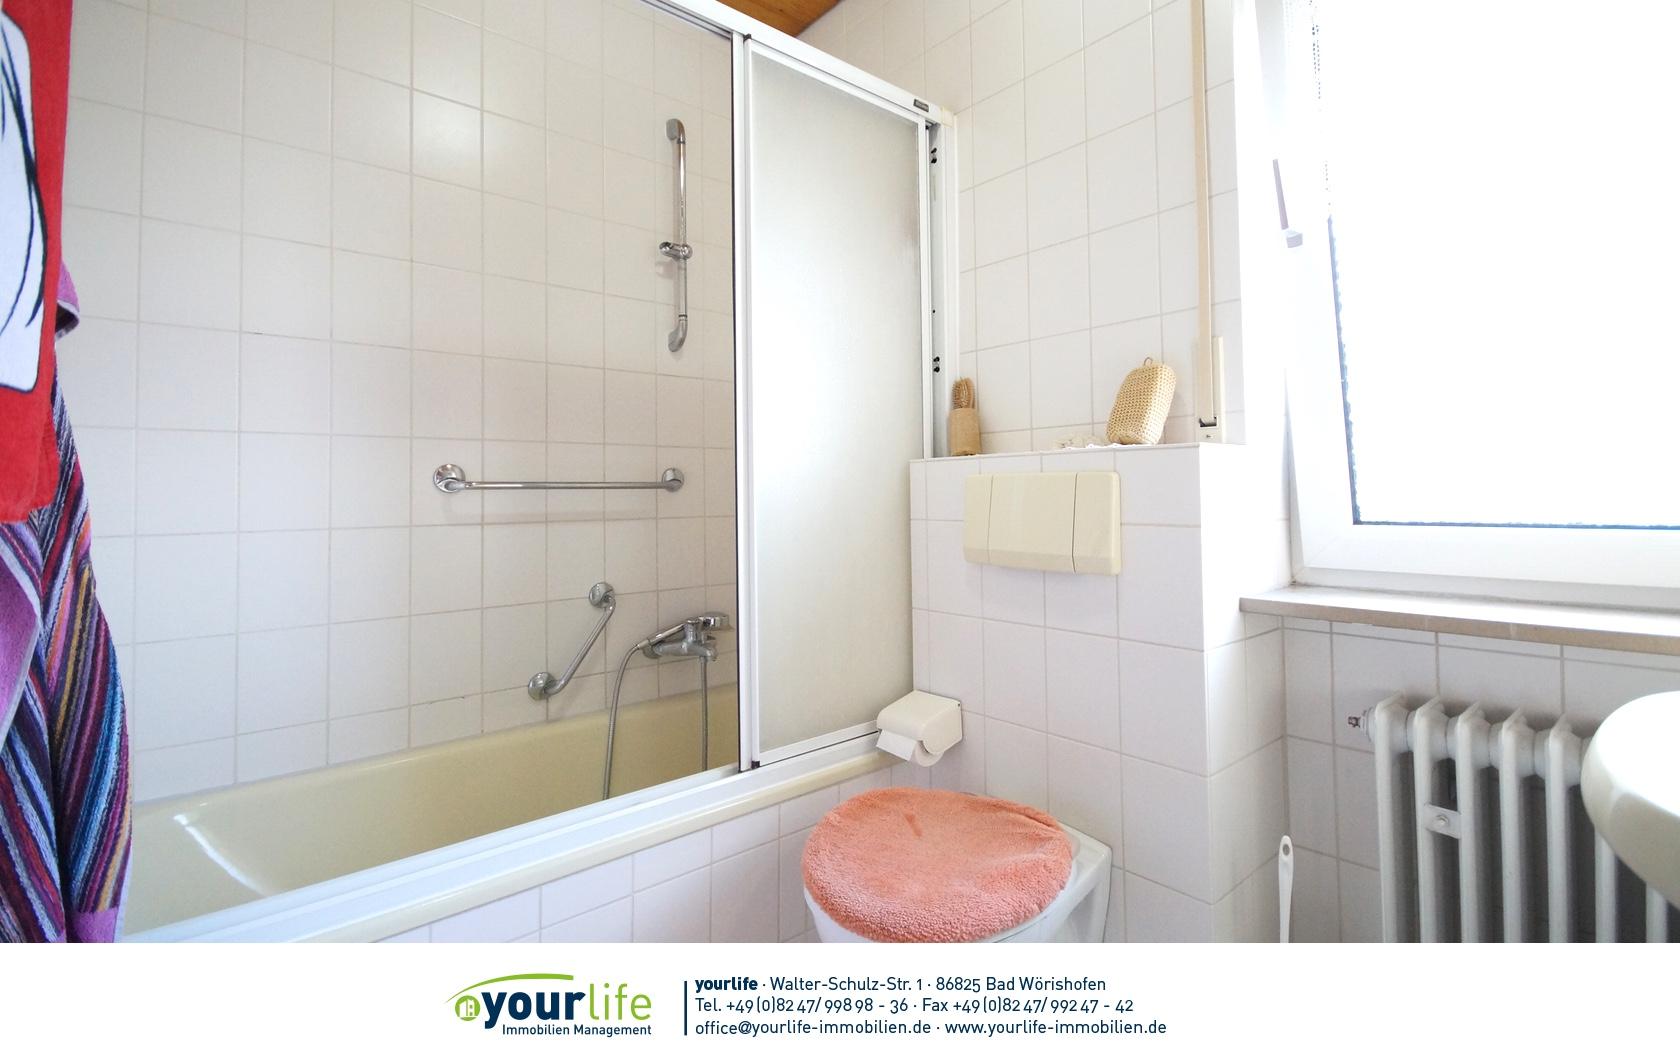 Immobilienmakler Bad Wörishofen badwoerishofen reihenmittelhaus badezimmer mit fenster yourlife